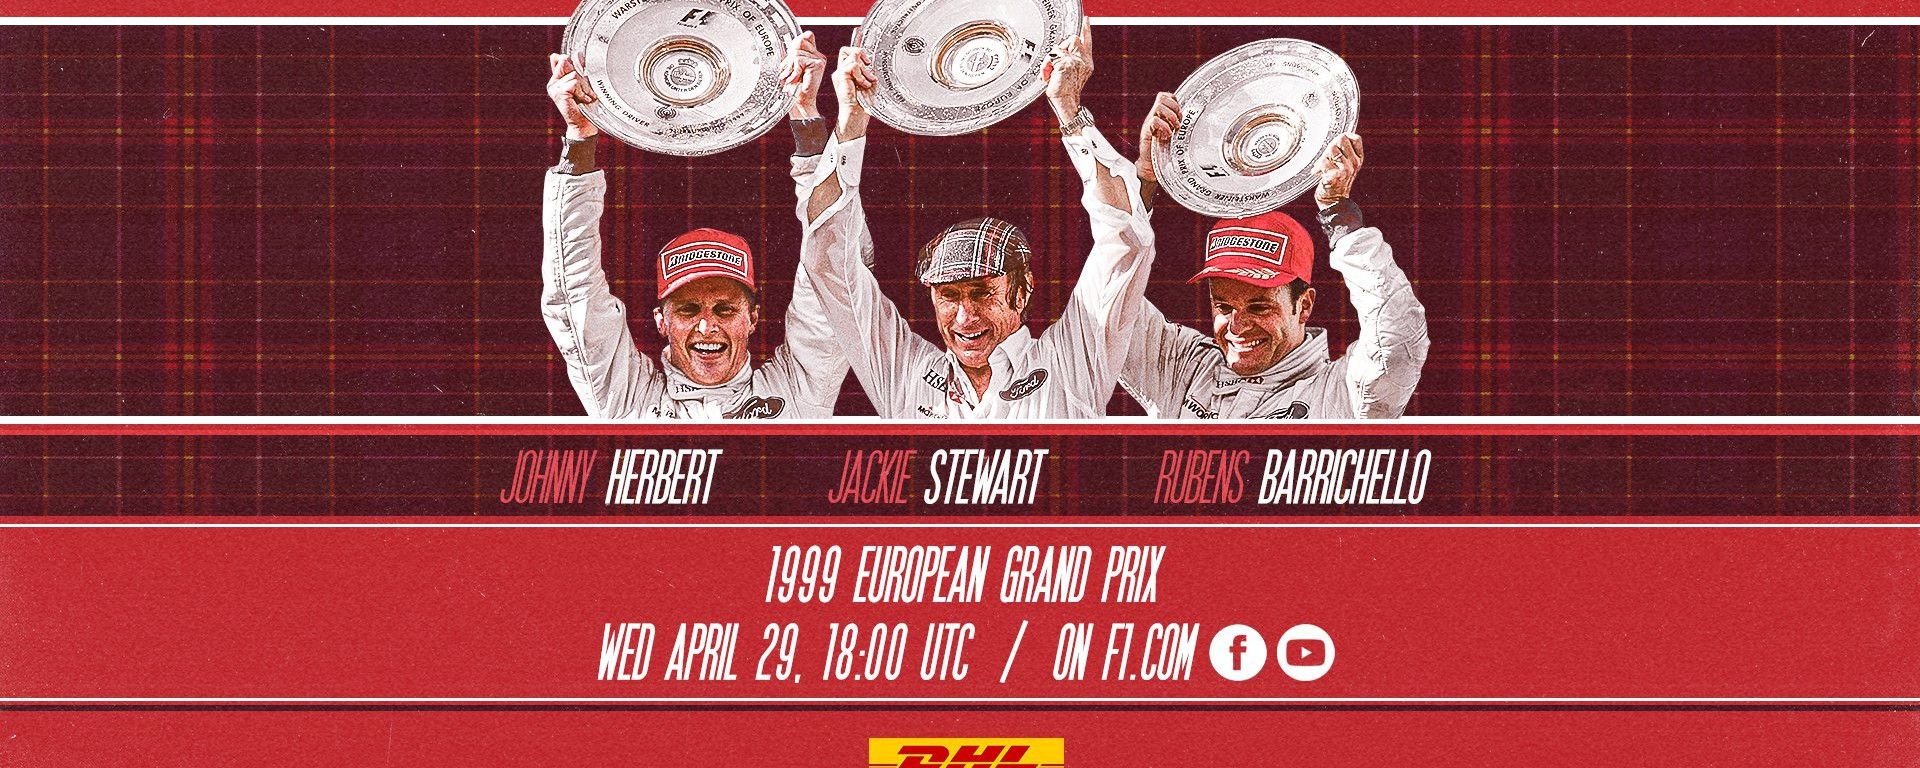 F1 GP Europa 1999: la locandina della gara su Youtube